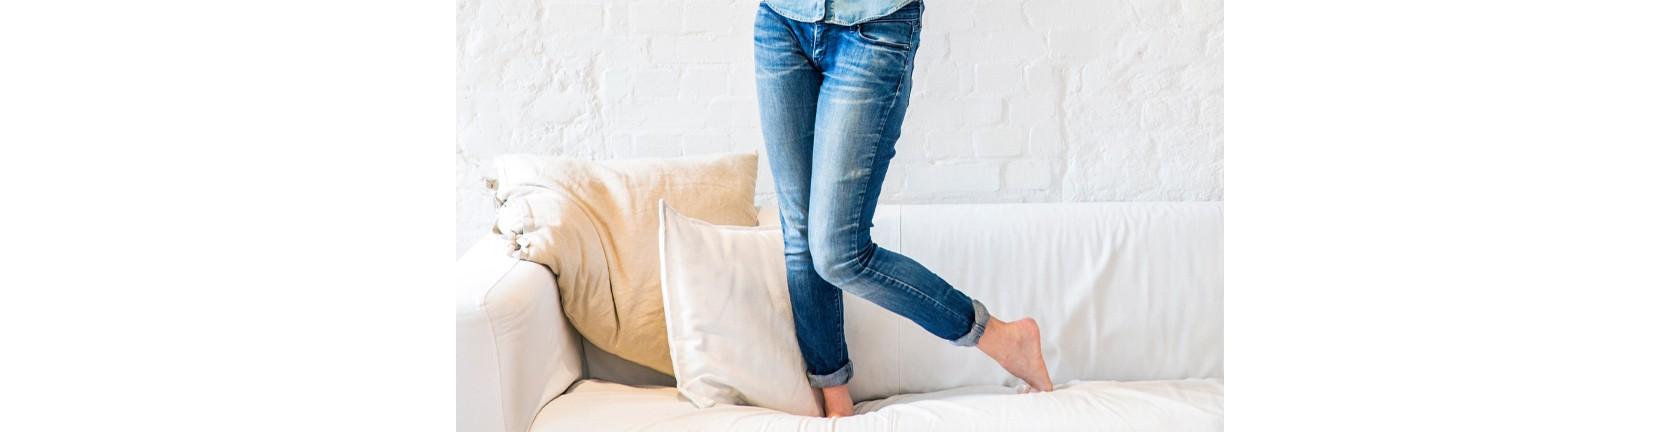 Eine Frau in Jeans steht auf einer hellen Couch, zu sehen sind nur ihre Beine.